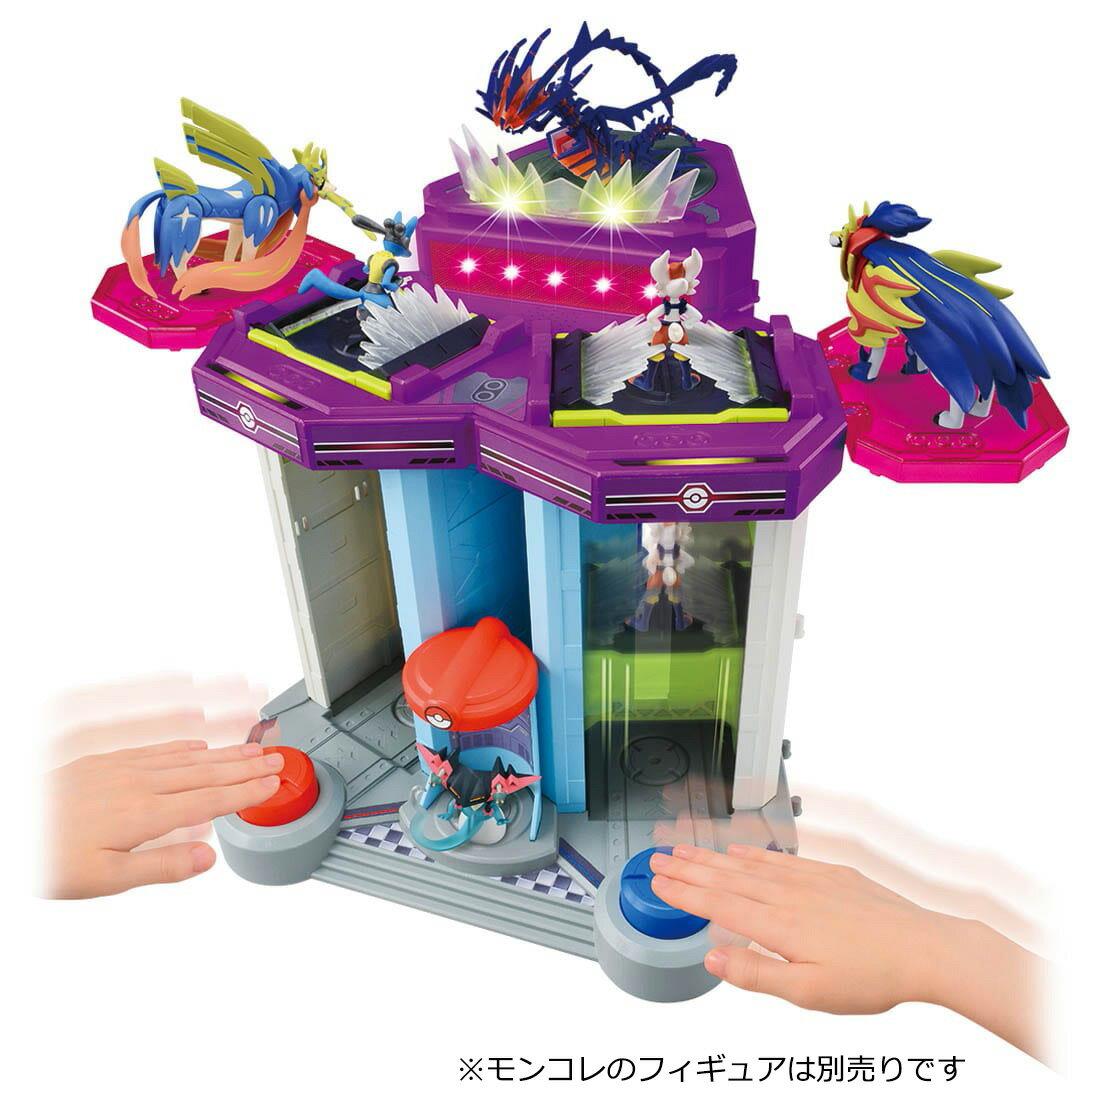 ポケットモンスター モンコレ 無限連打!! キョダイバトルタワー   おもちゃ画像